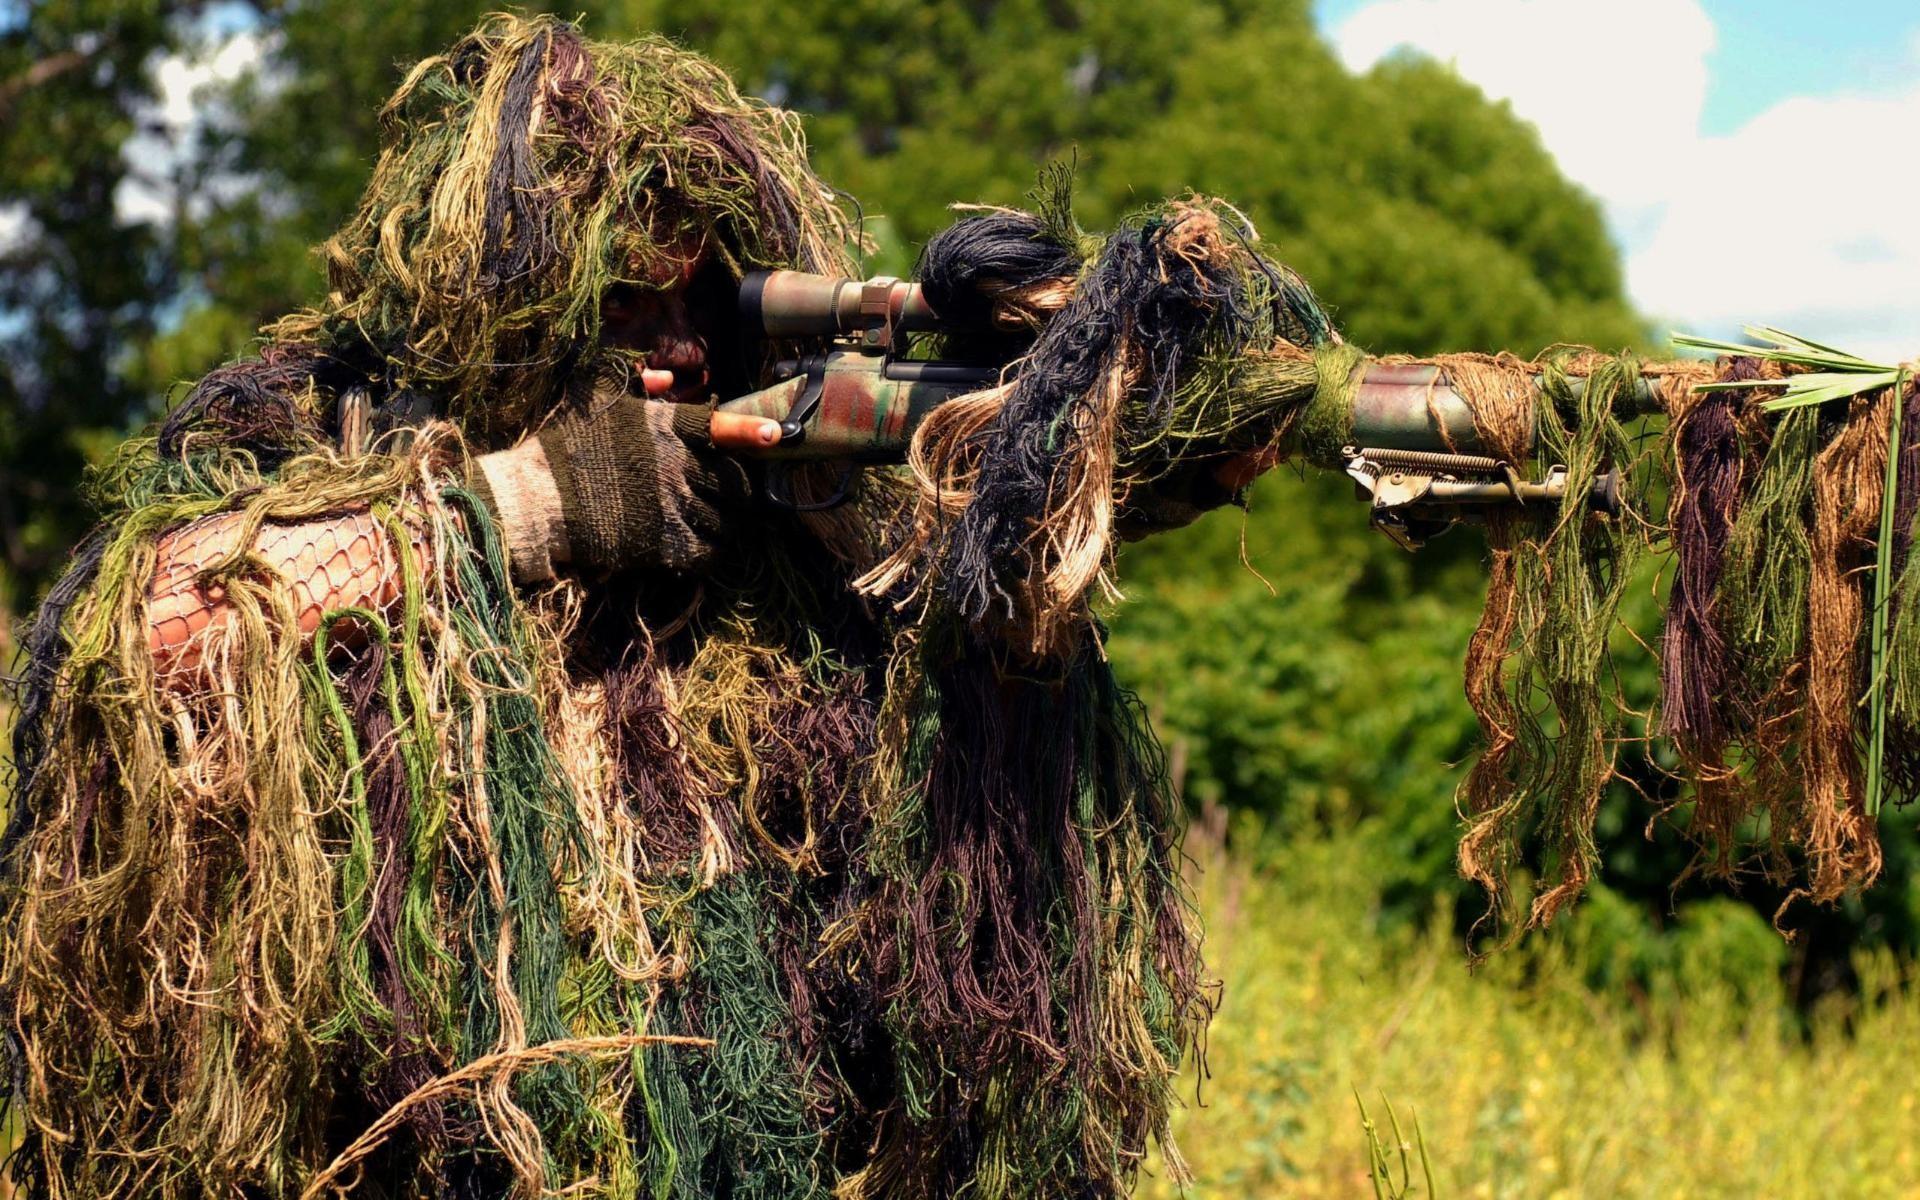 Un francotirador camuflado - 1920x1200